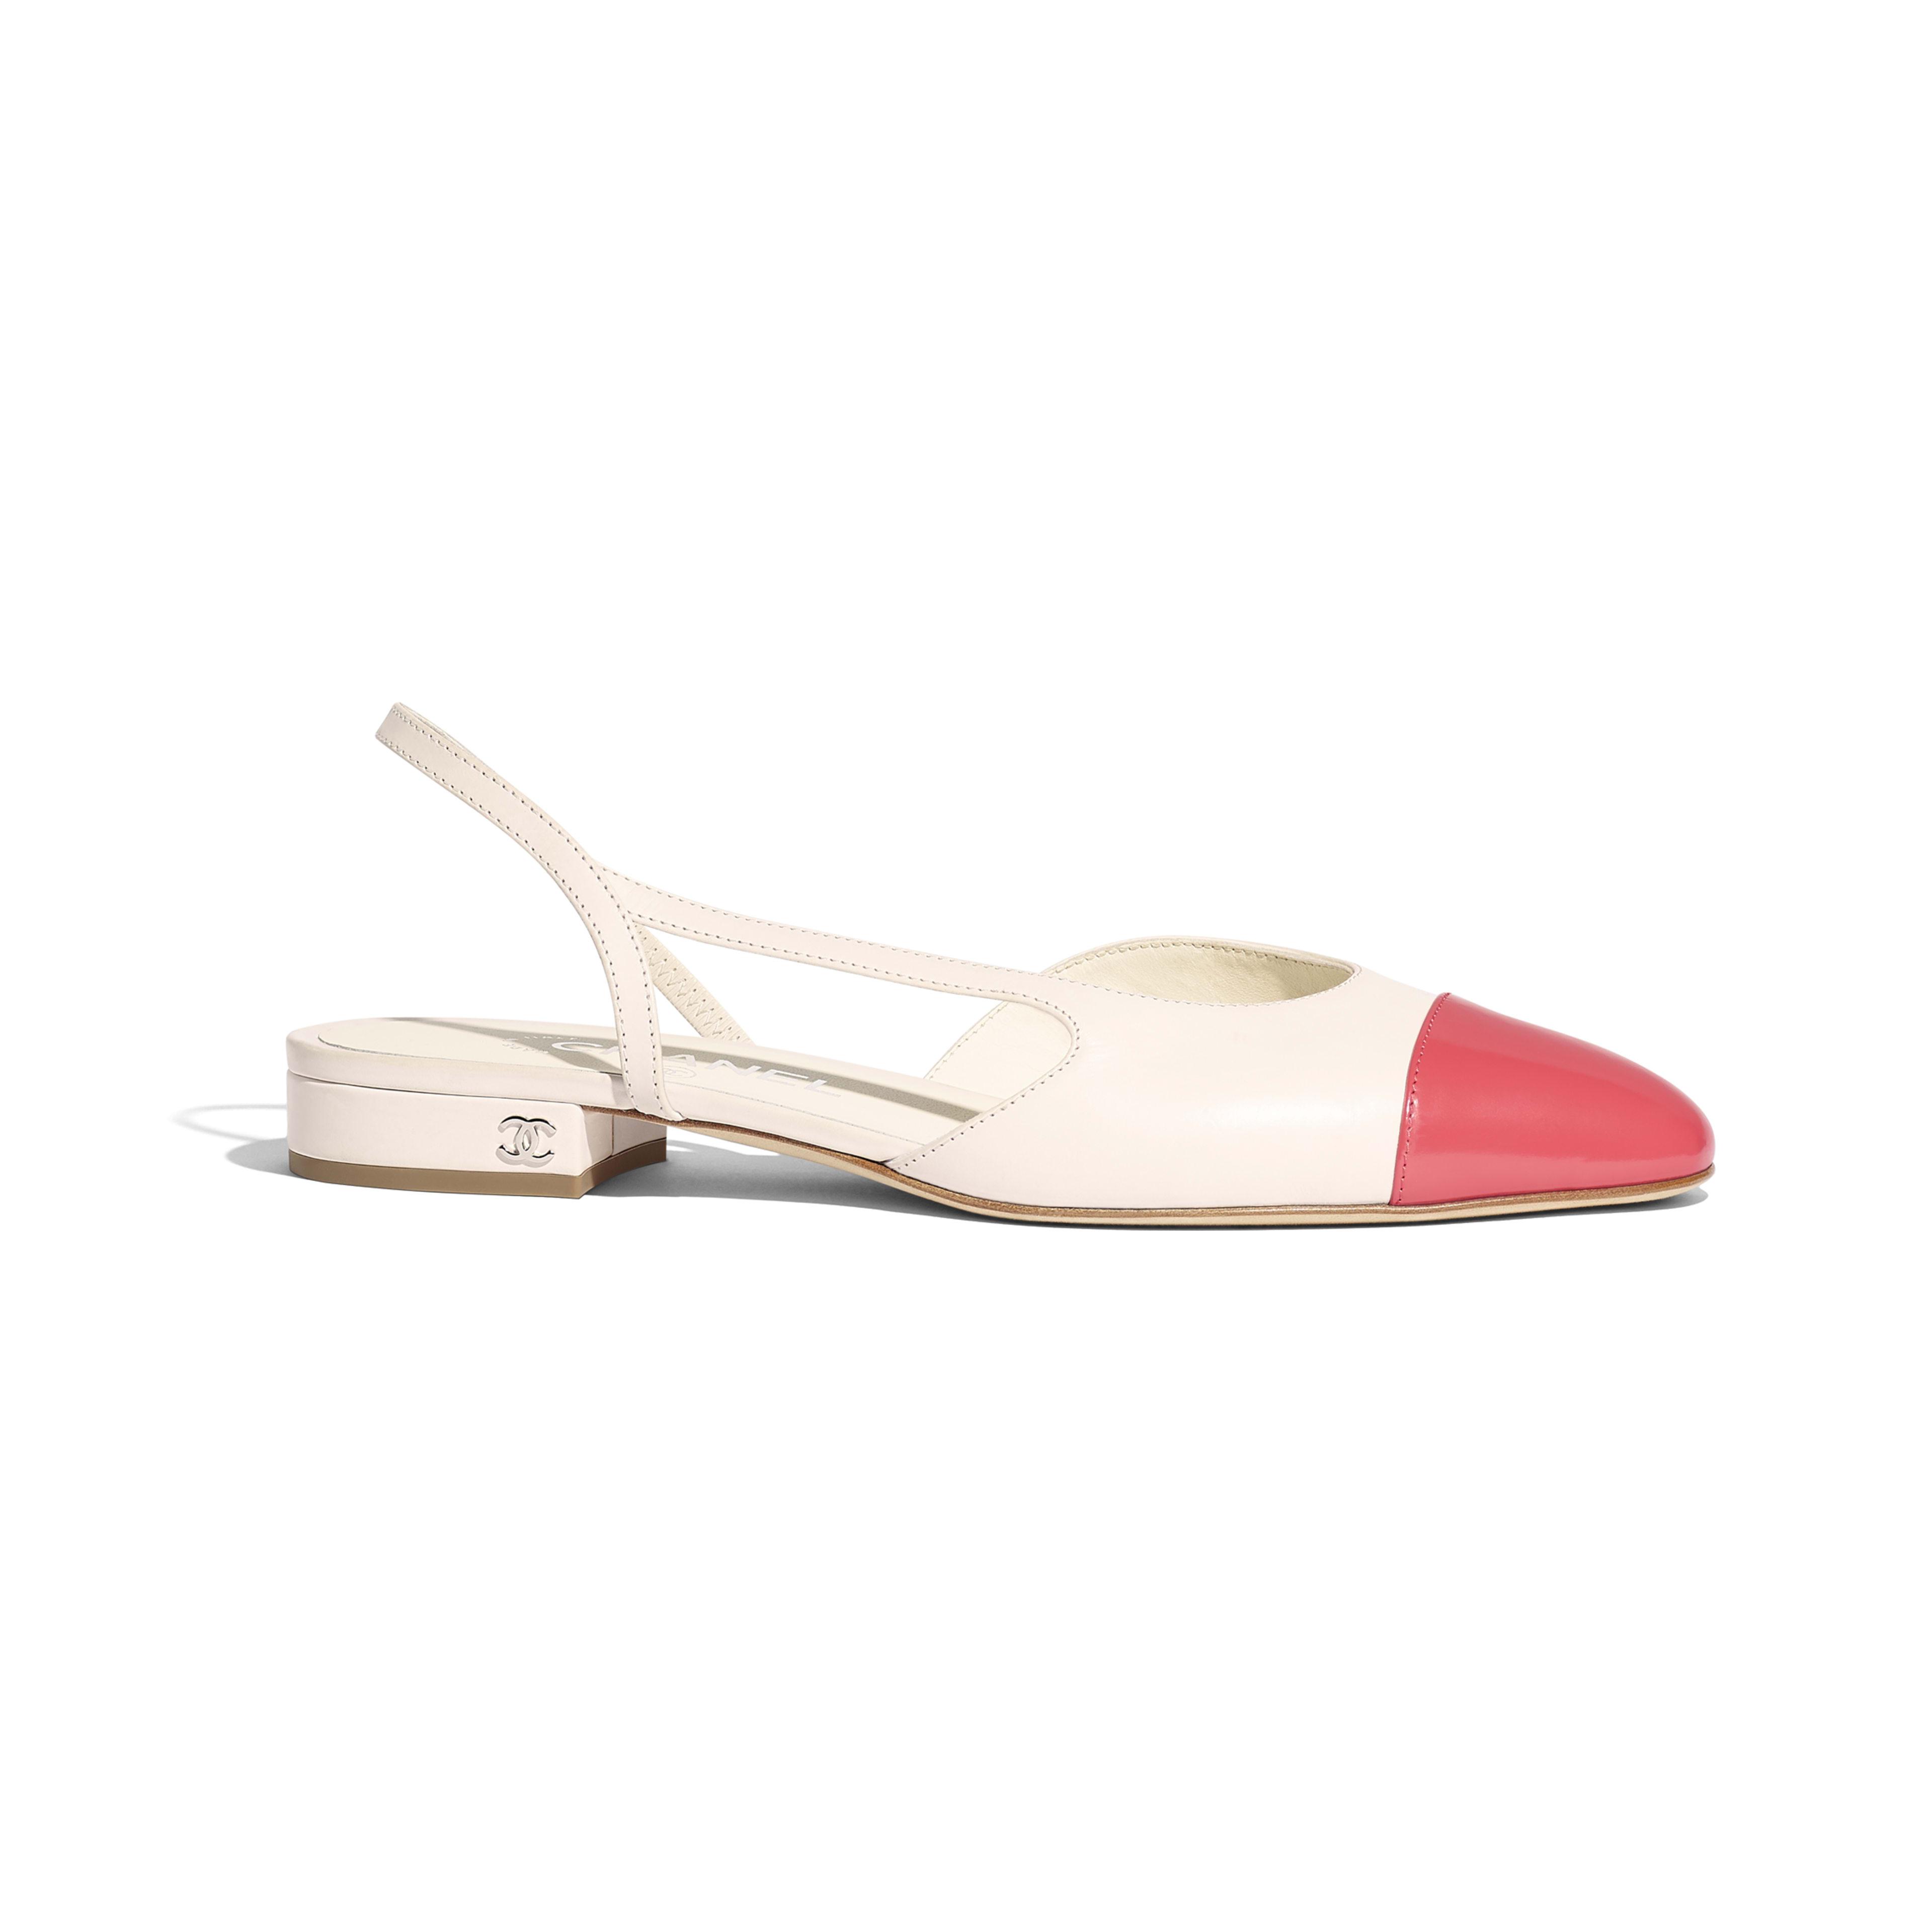 Slingbacks - White & Red - Calfskin & Glazed Calfskin - Default view - see full sized version